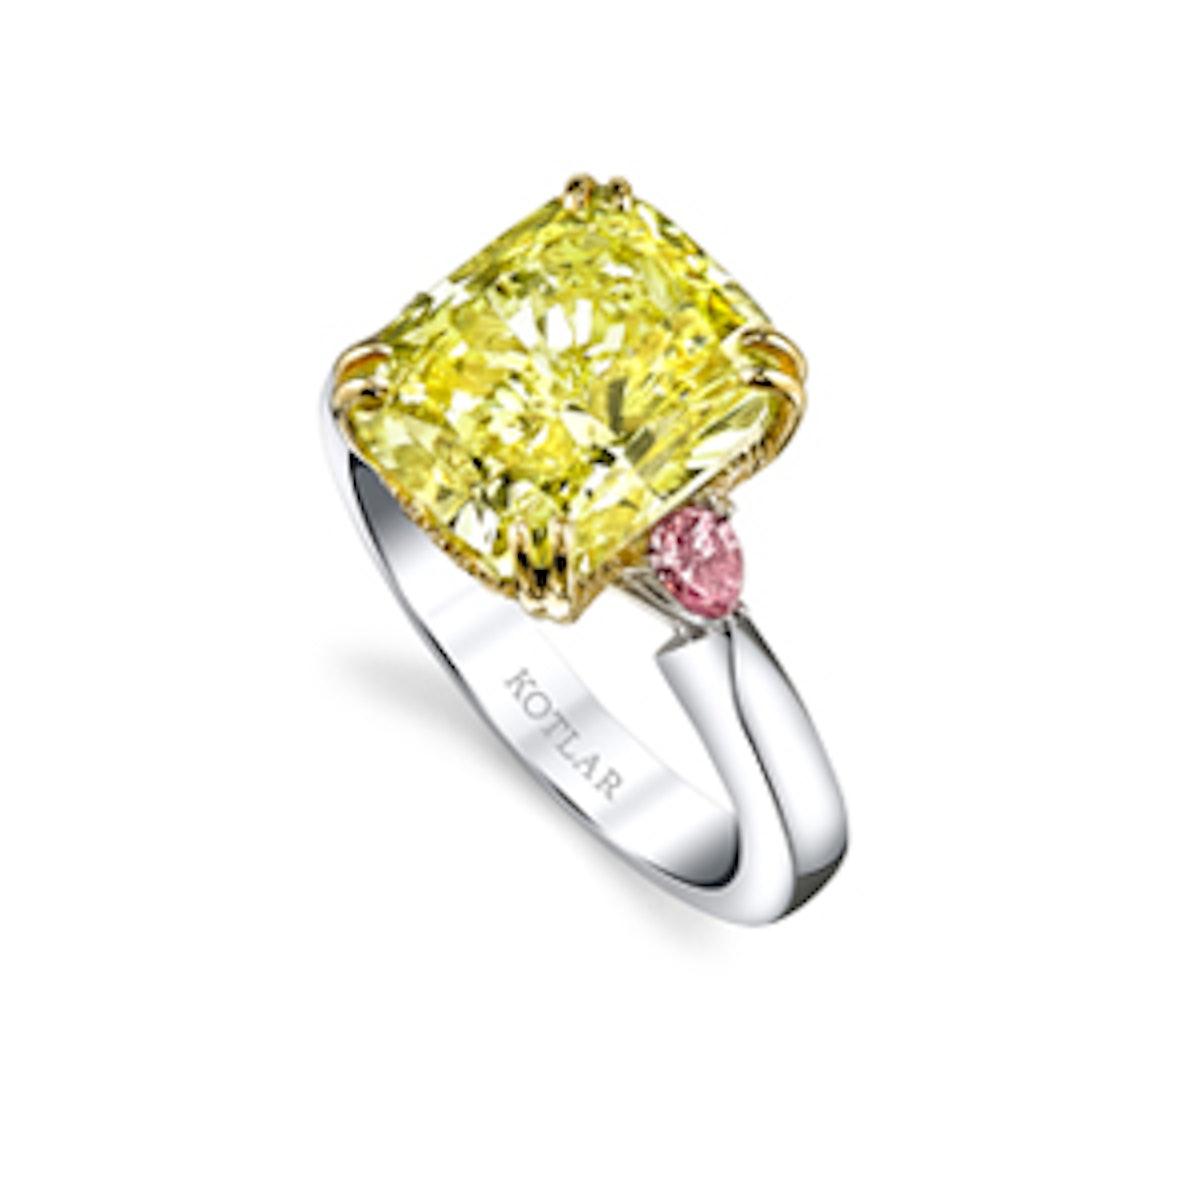 The Vault Platinum & 18 Karat Yellow Gold Ring